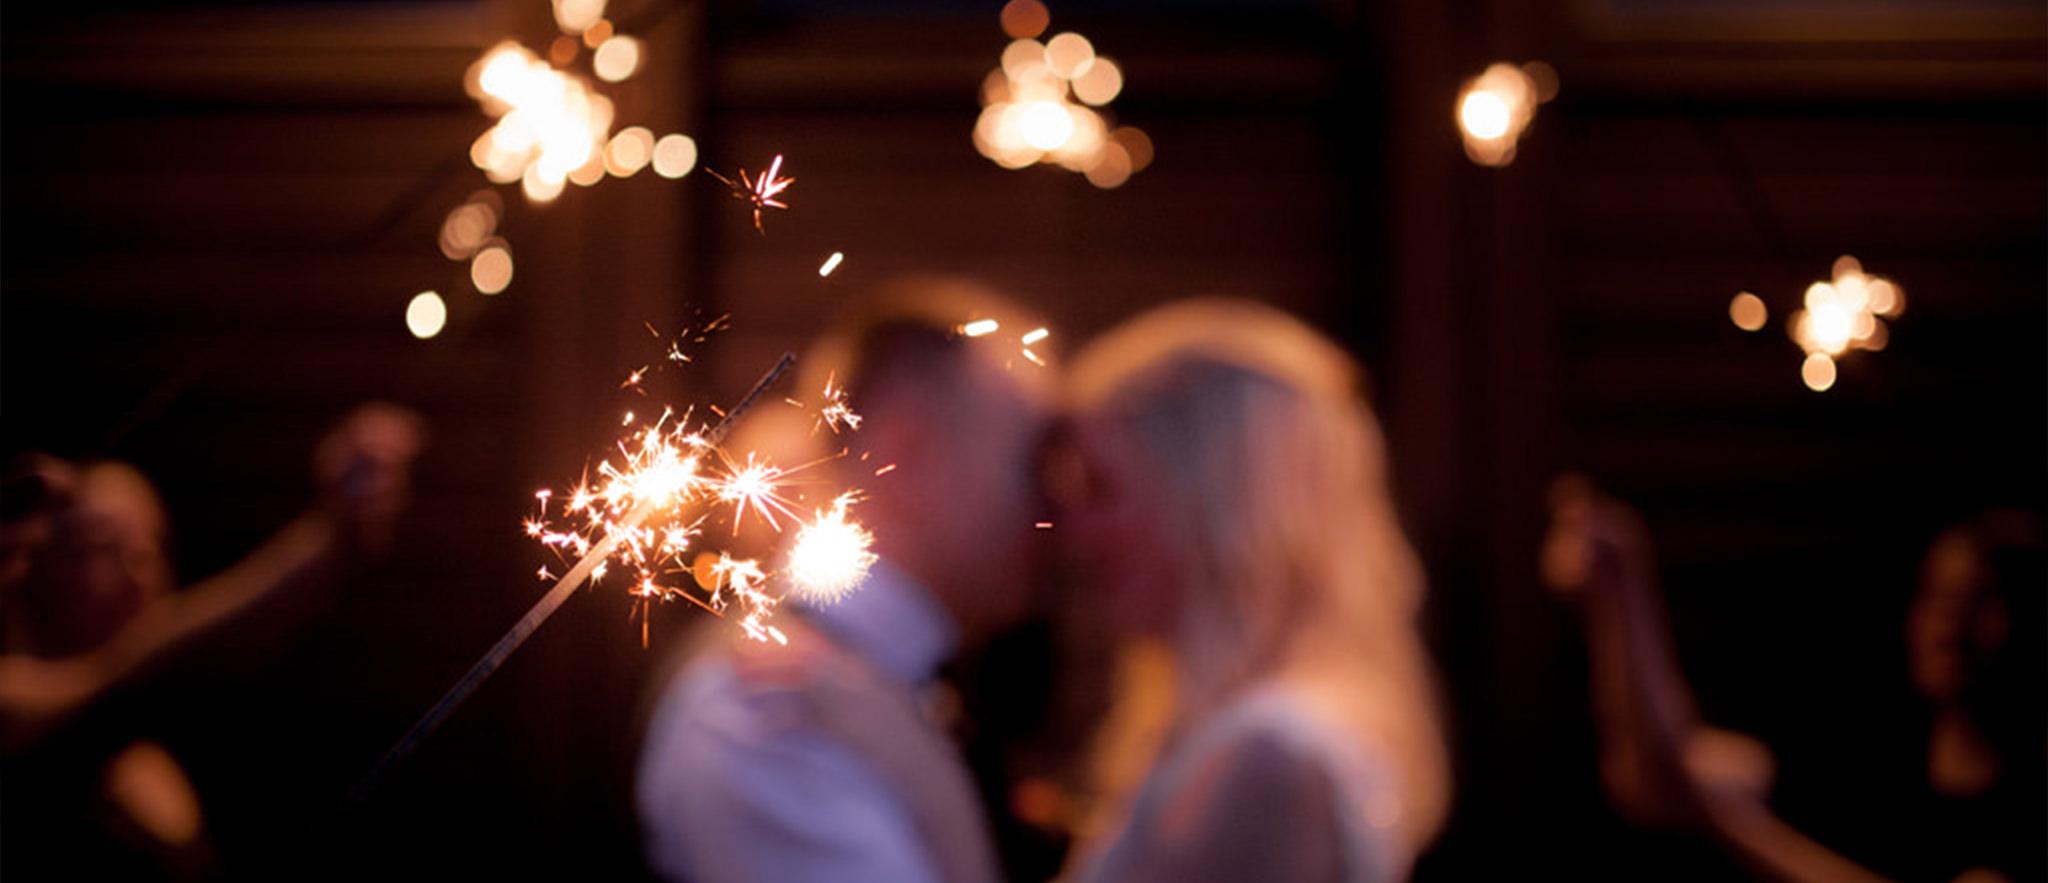 Bröllopsfotografering med tomtebloss